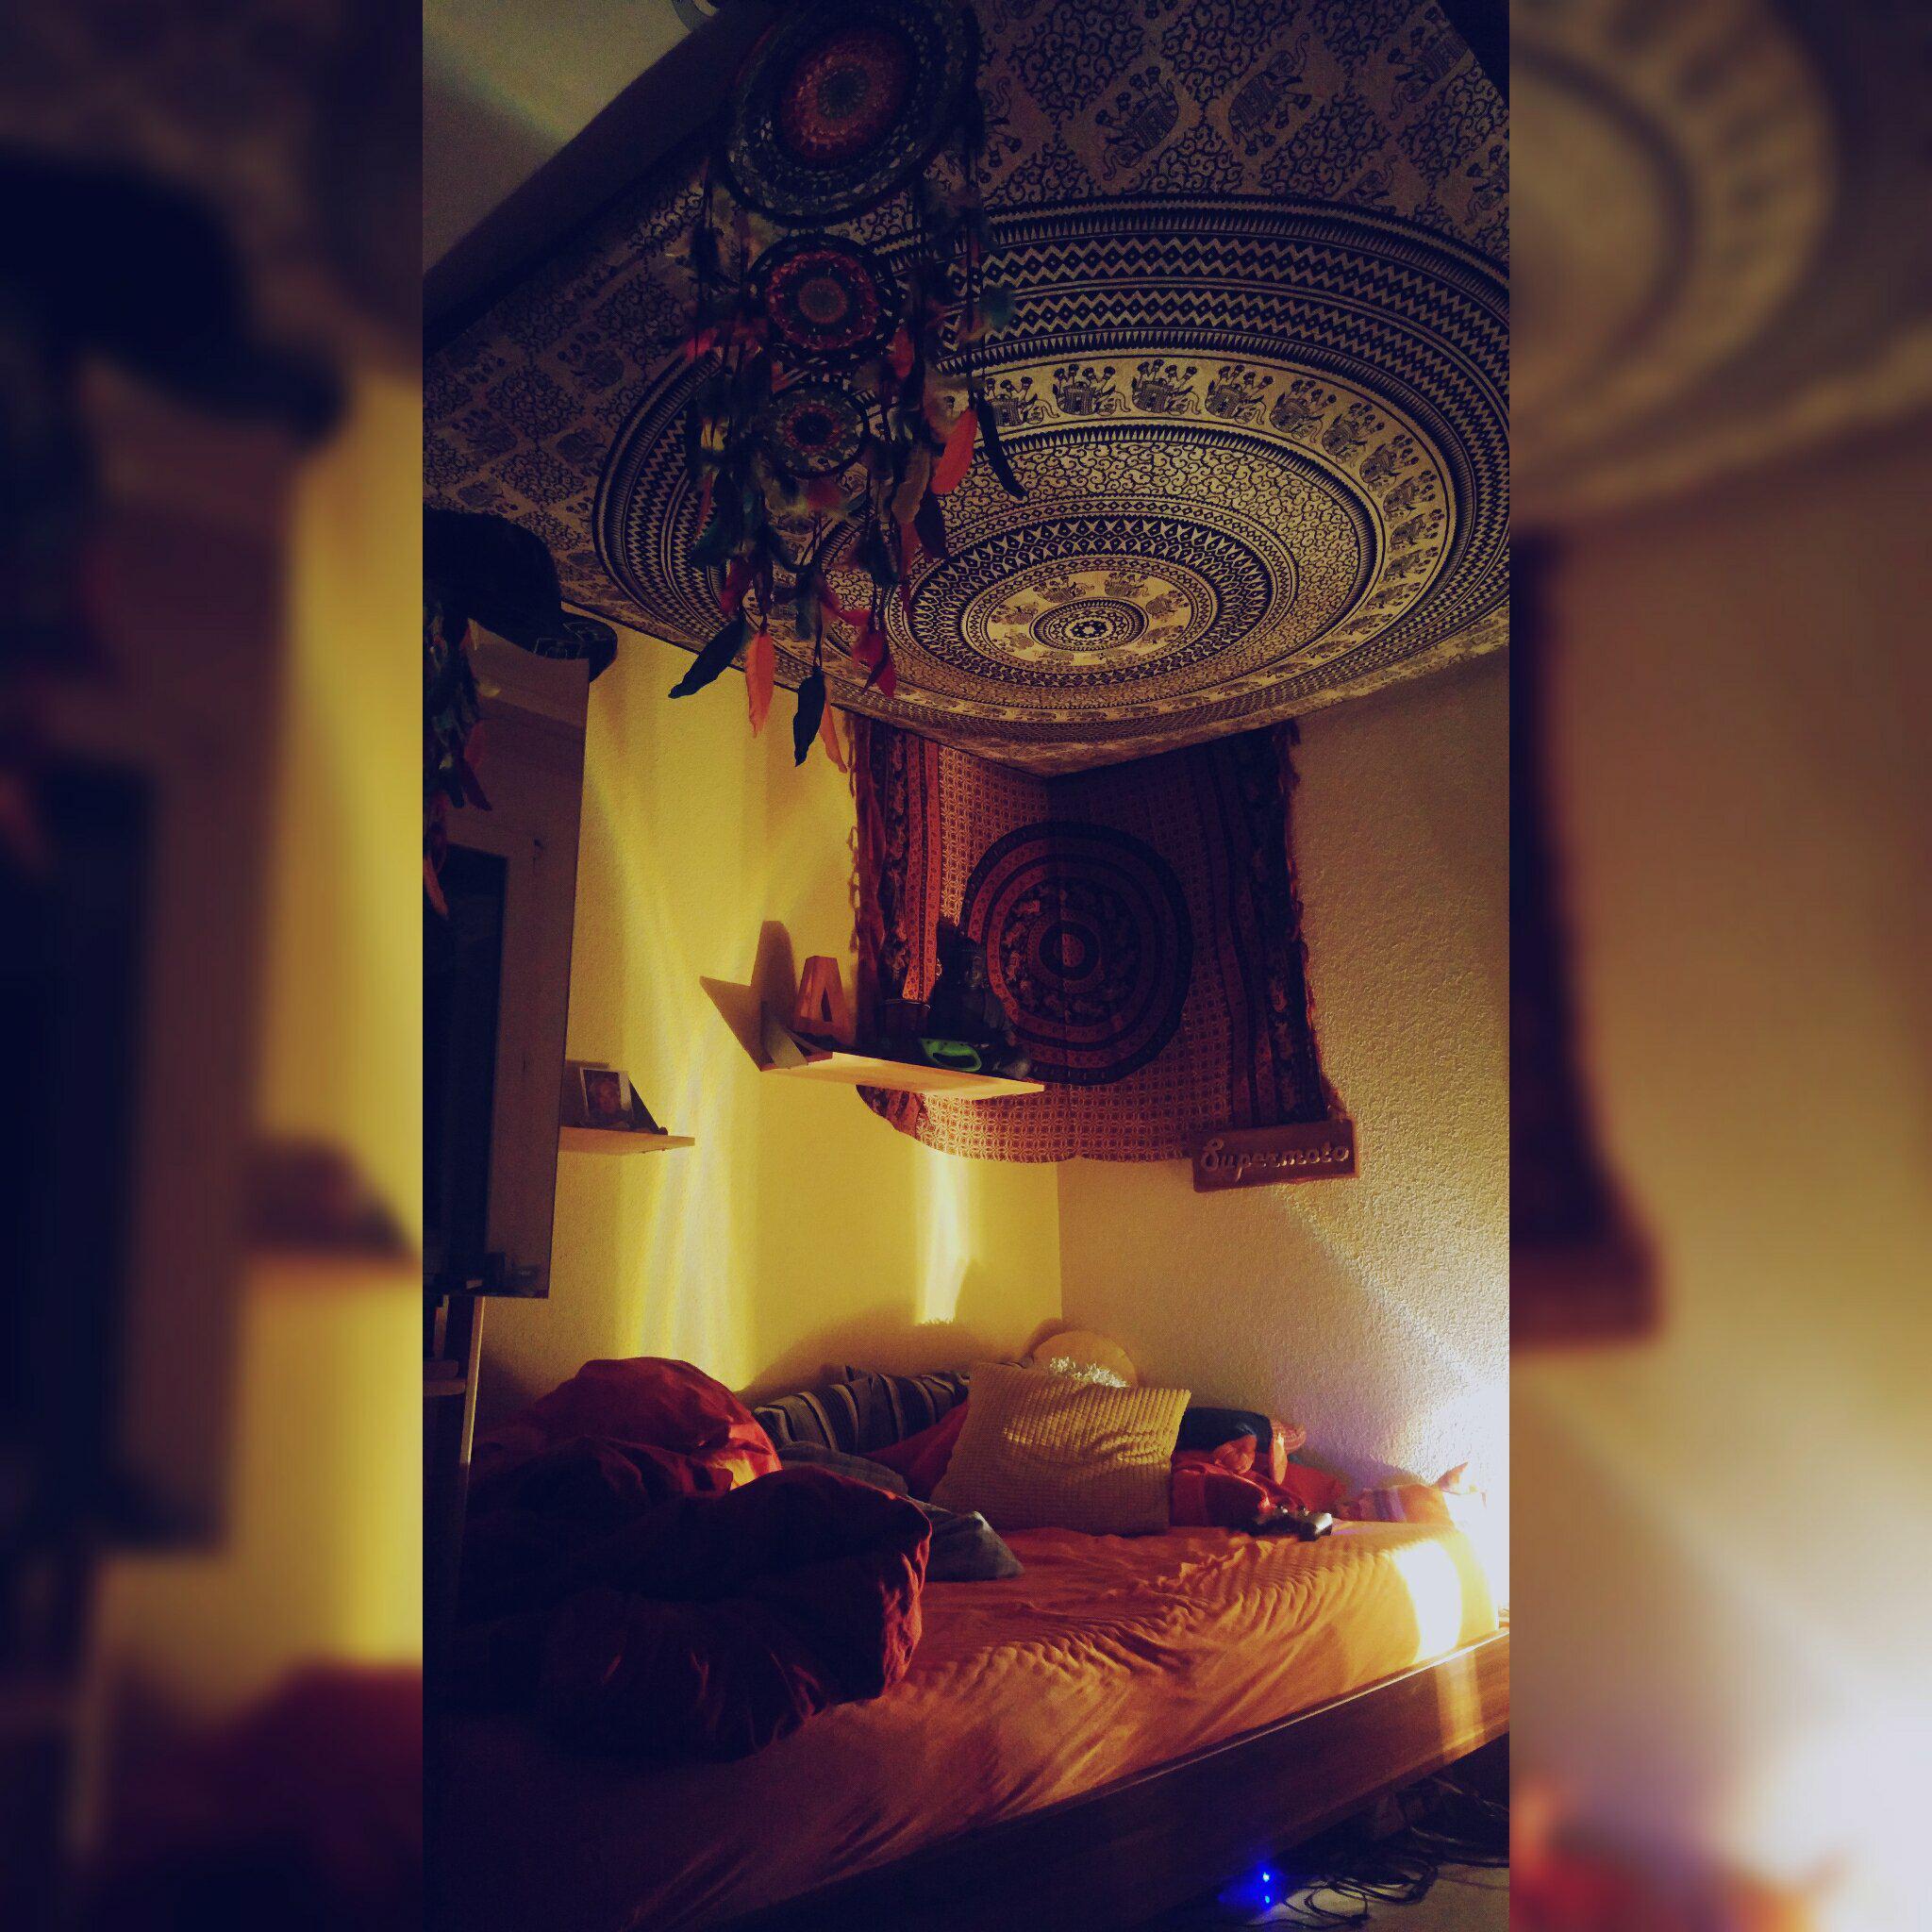 Wandtuch und Traumfänger unter der Woche sorgen für einen ruhigen Schlaf